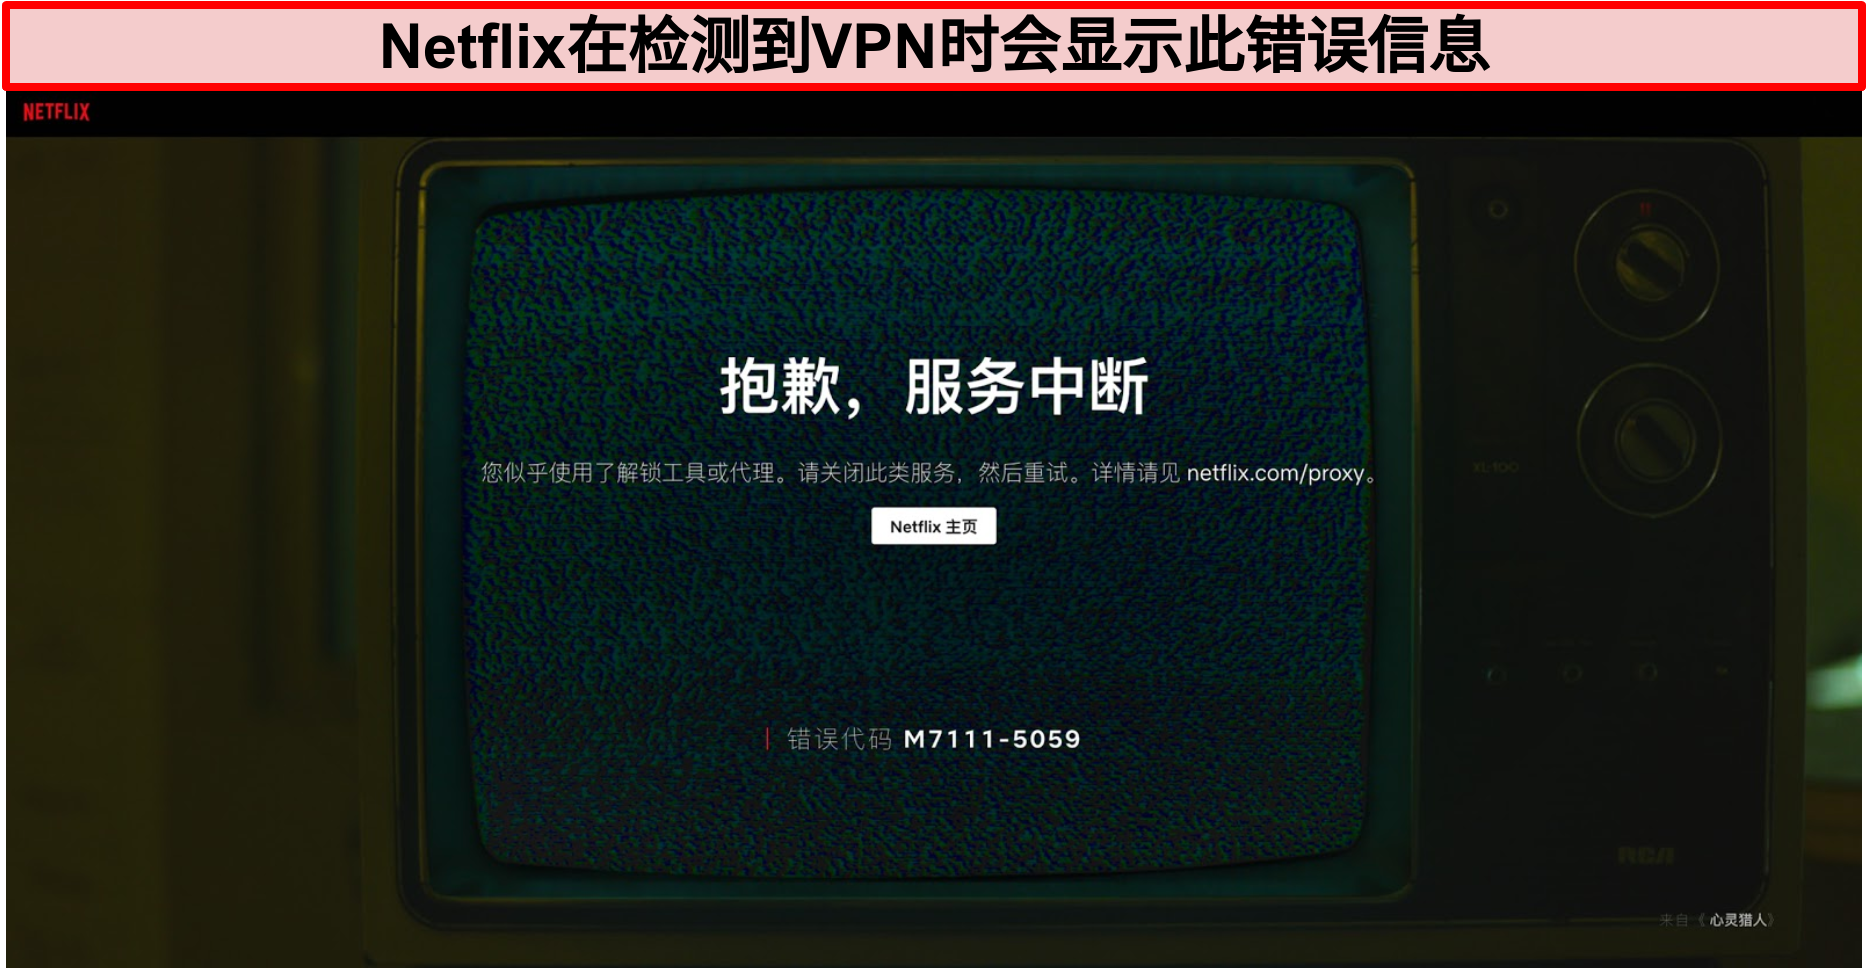 使用VPN,代理或取消阻止程序时Netflix错误消息的屏幕截图